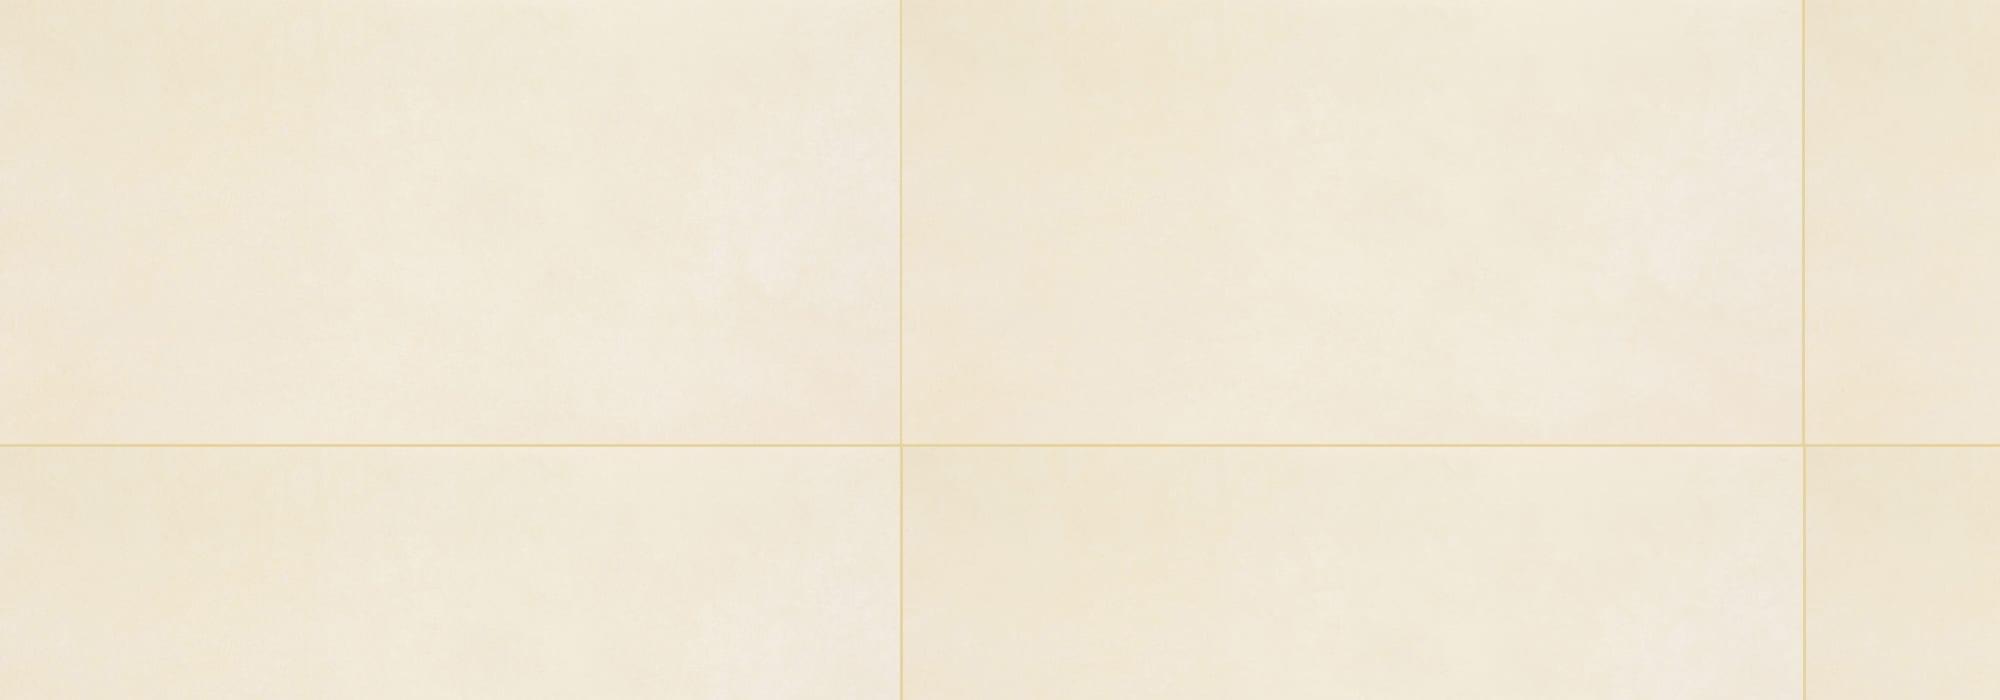 פלטות פורצלן אייבורי by Milstone